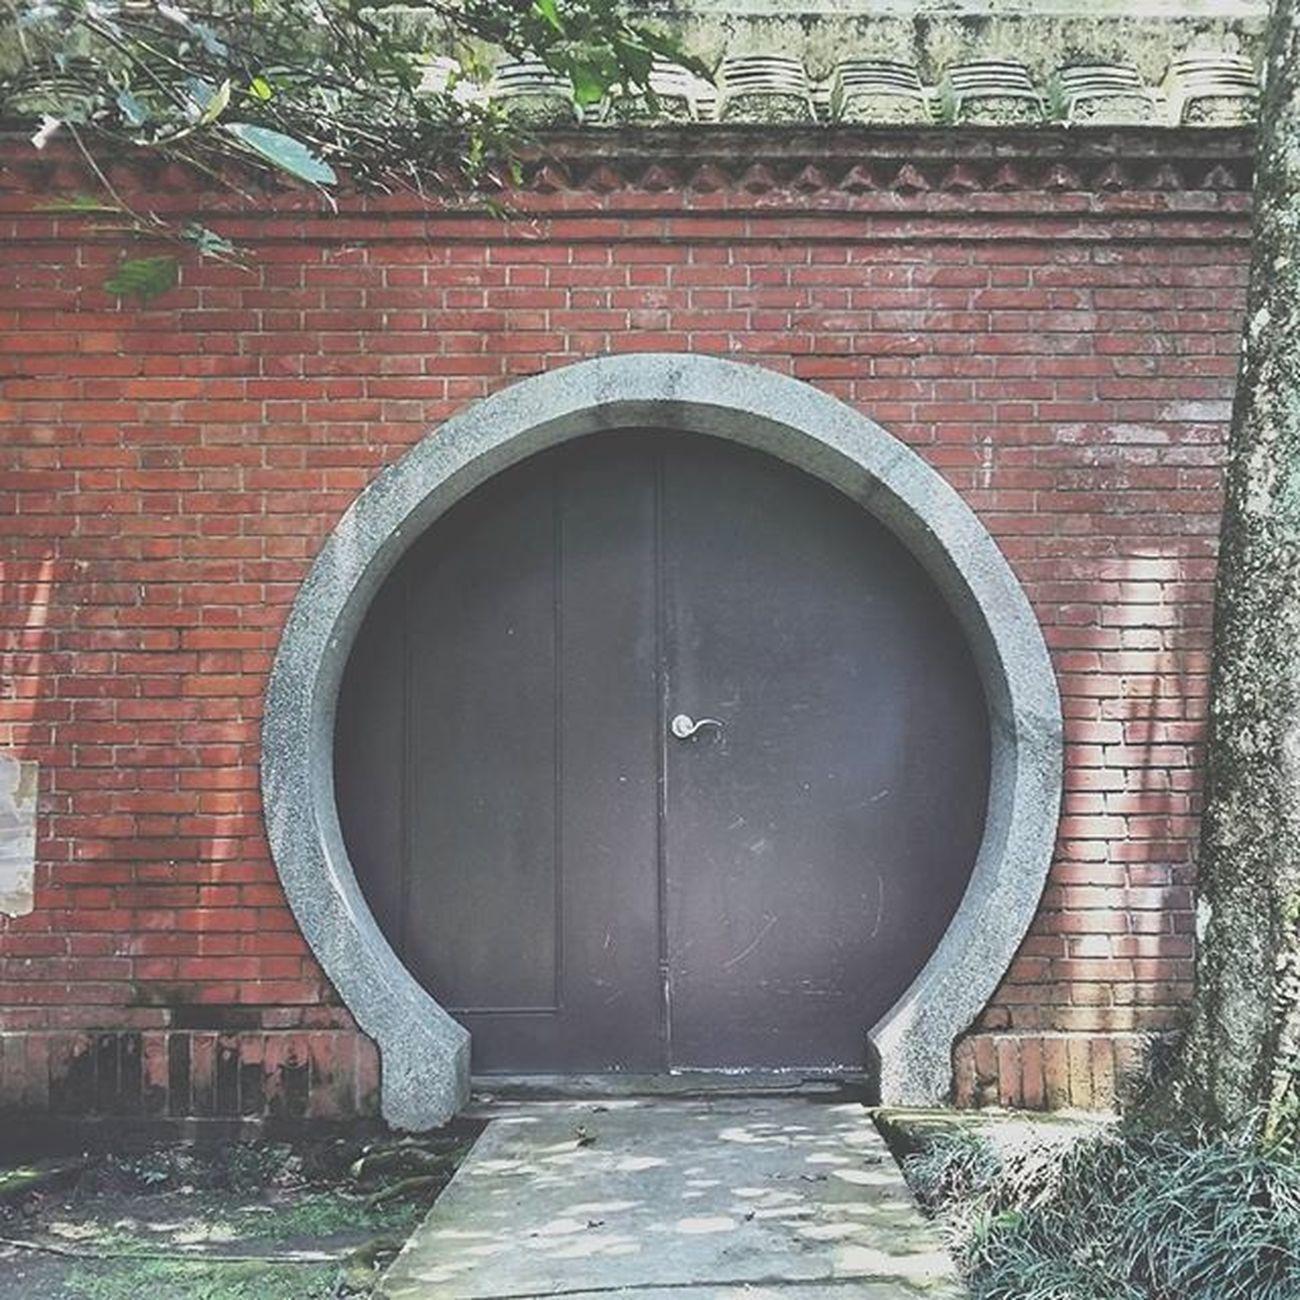 慈湖陵寢旁的側門 慈湖陵寢 大溪 門 Door 紅磚